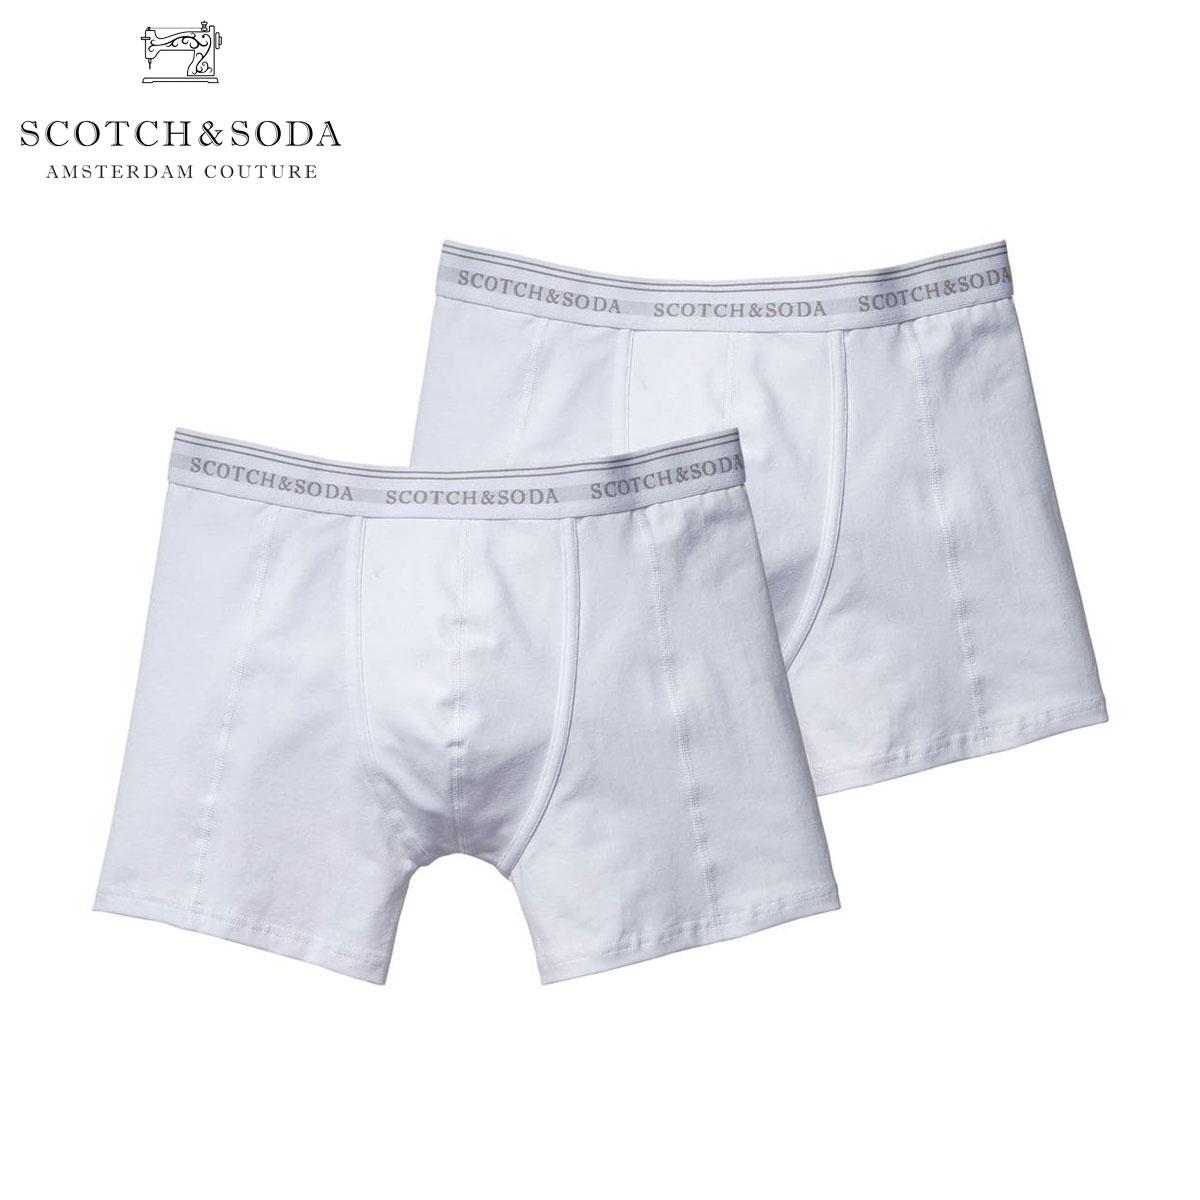 スコッチアンドソーダ SCOTCH&SODA 正規販売店 メンズ ボクサーパンツ BASIC BOXERSHORT 2-PACK 124904 A 49991 DESSIN  A39B B1C C7D D2E E01F